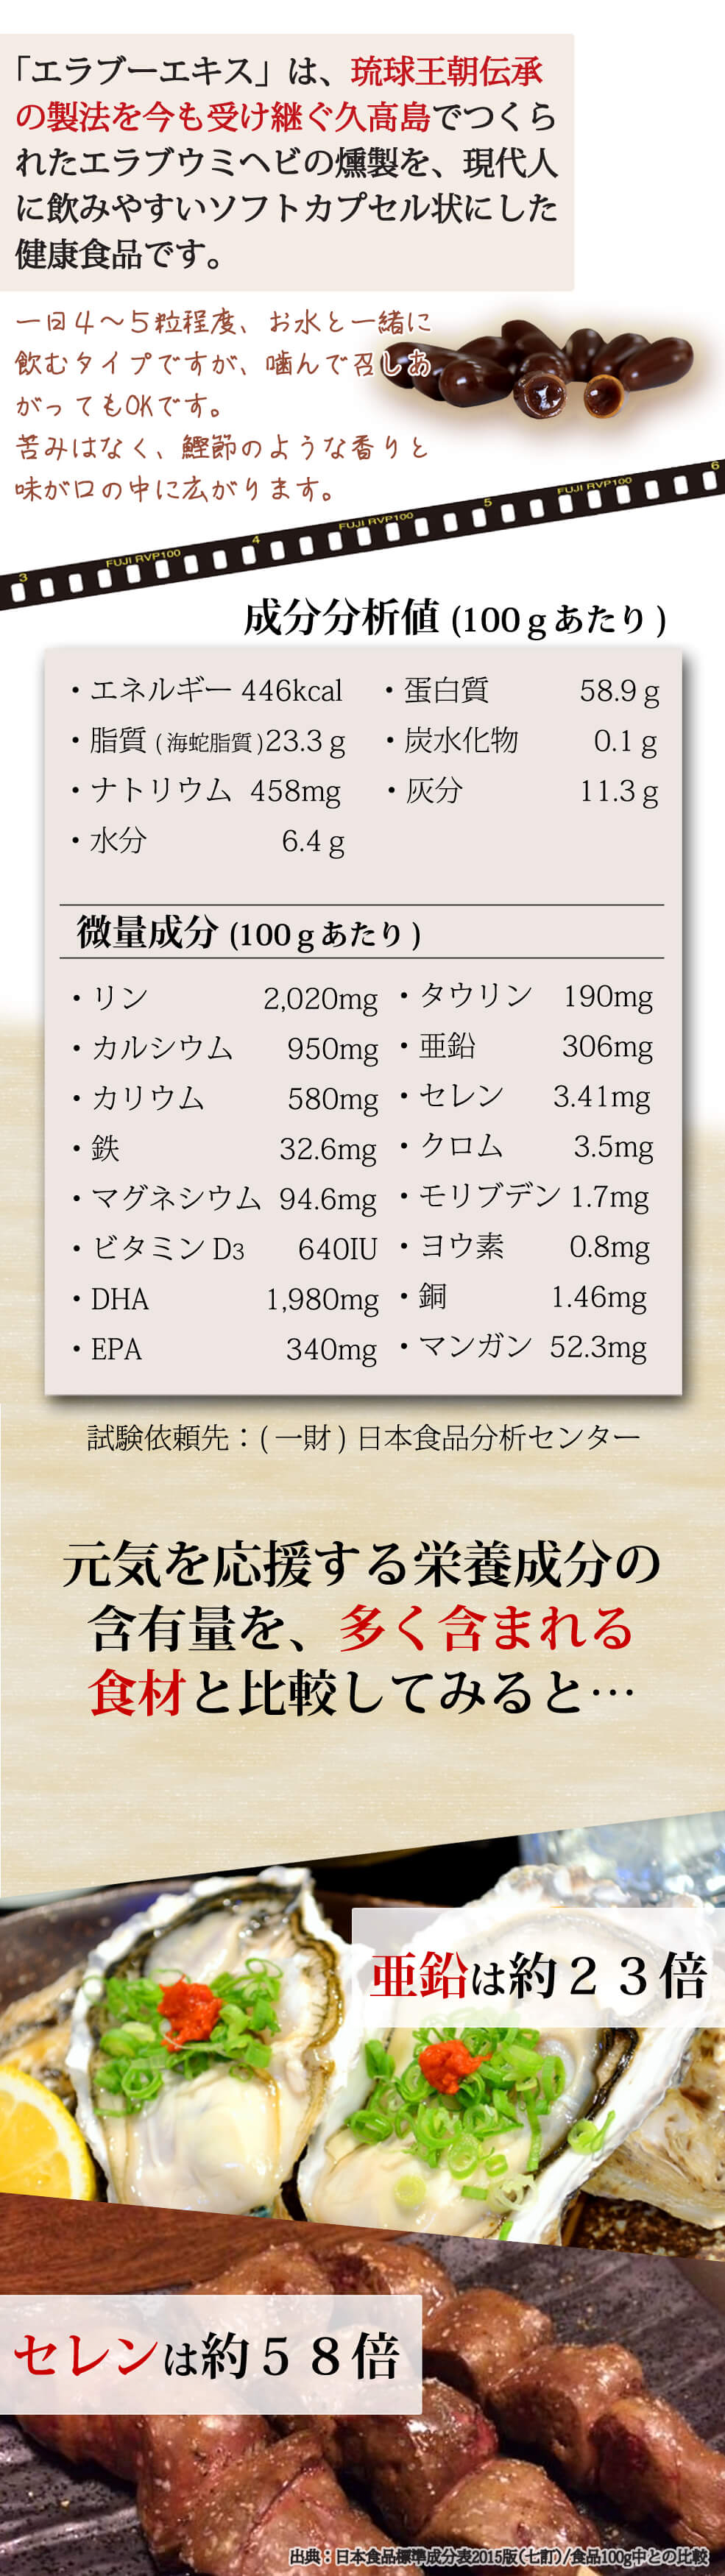 「エラブーエキス」は、琉球王朝伝承の製法を今も受け継ぐ久高島でつくられたエラブウミヘビの燻製を、現代人に飲みやすいソフトカプセル状にした健康食品です。一日4~5粒程度、お水と一緒に飲むタイプですが、噛んで召しあがってもOKです。苦みはなく、鰹節のような香りと味が口の中に広がります。 元気を応援する栄養成分の含有量を、多く含まれる食材と比較してみると…牡蠣の亜鉛と比較:約23倍。肉(鶏・牛・豚)レバーのセレンと比較:約58倍。(出典:日本食品標準成分表2015版(七訂)/食品100g中との比較)